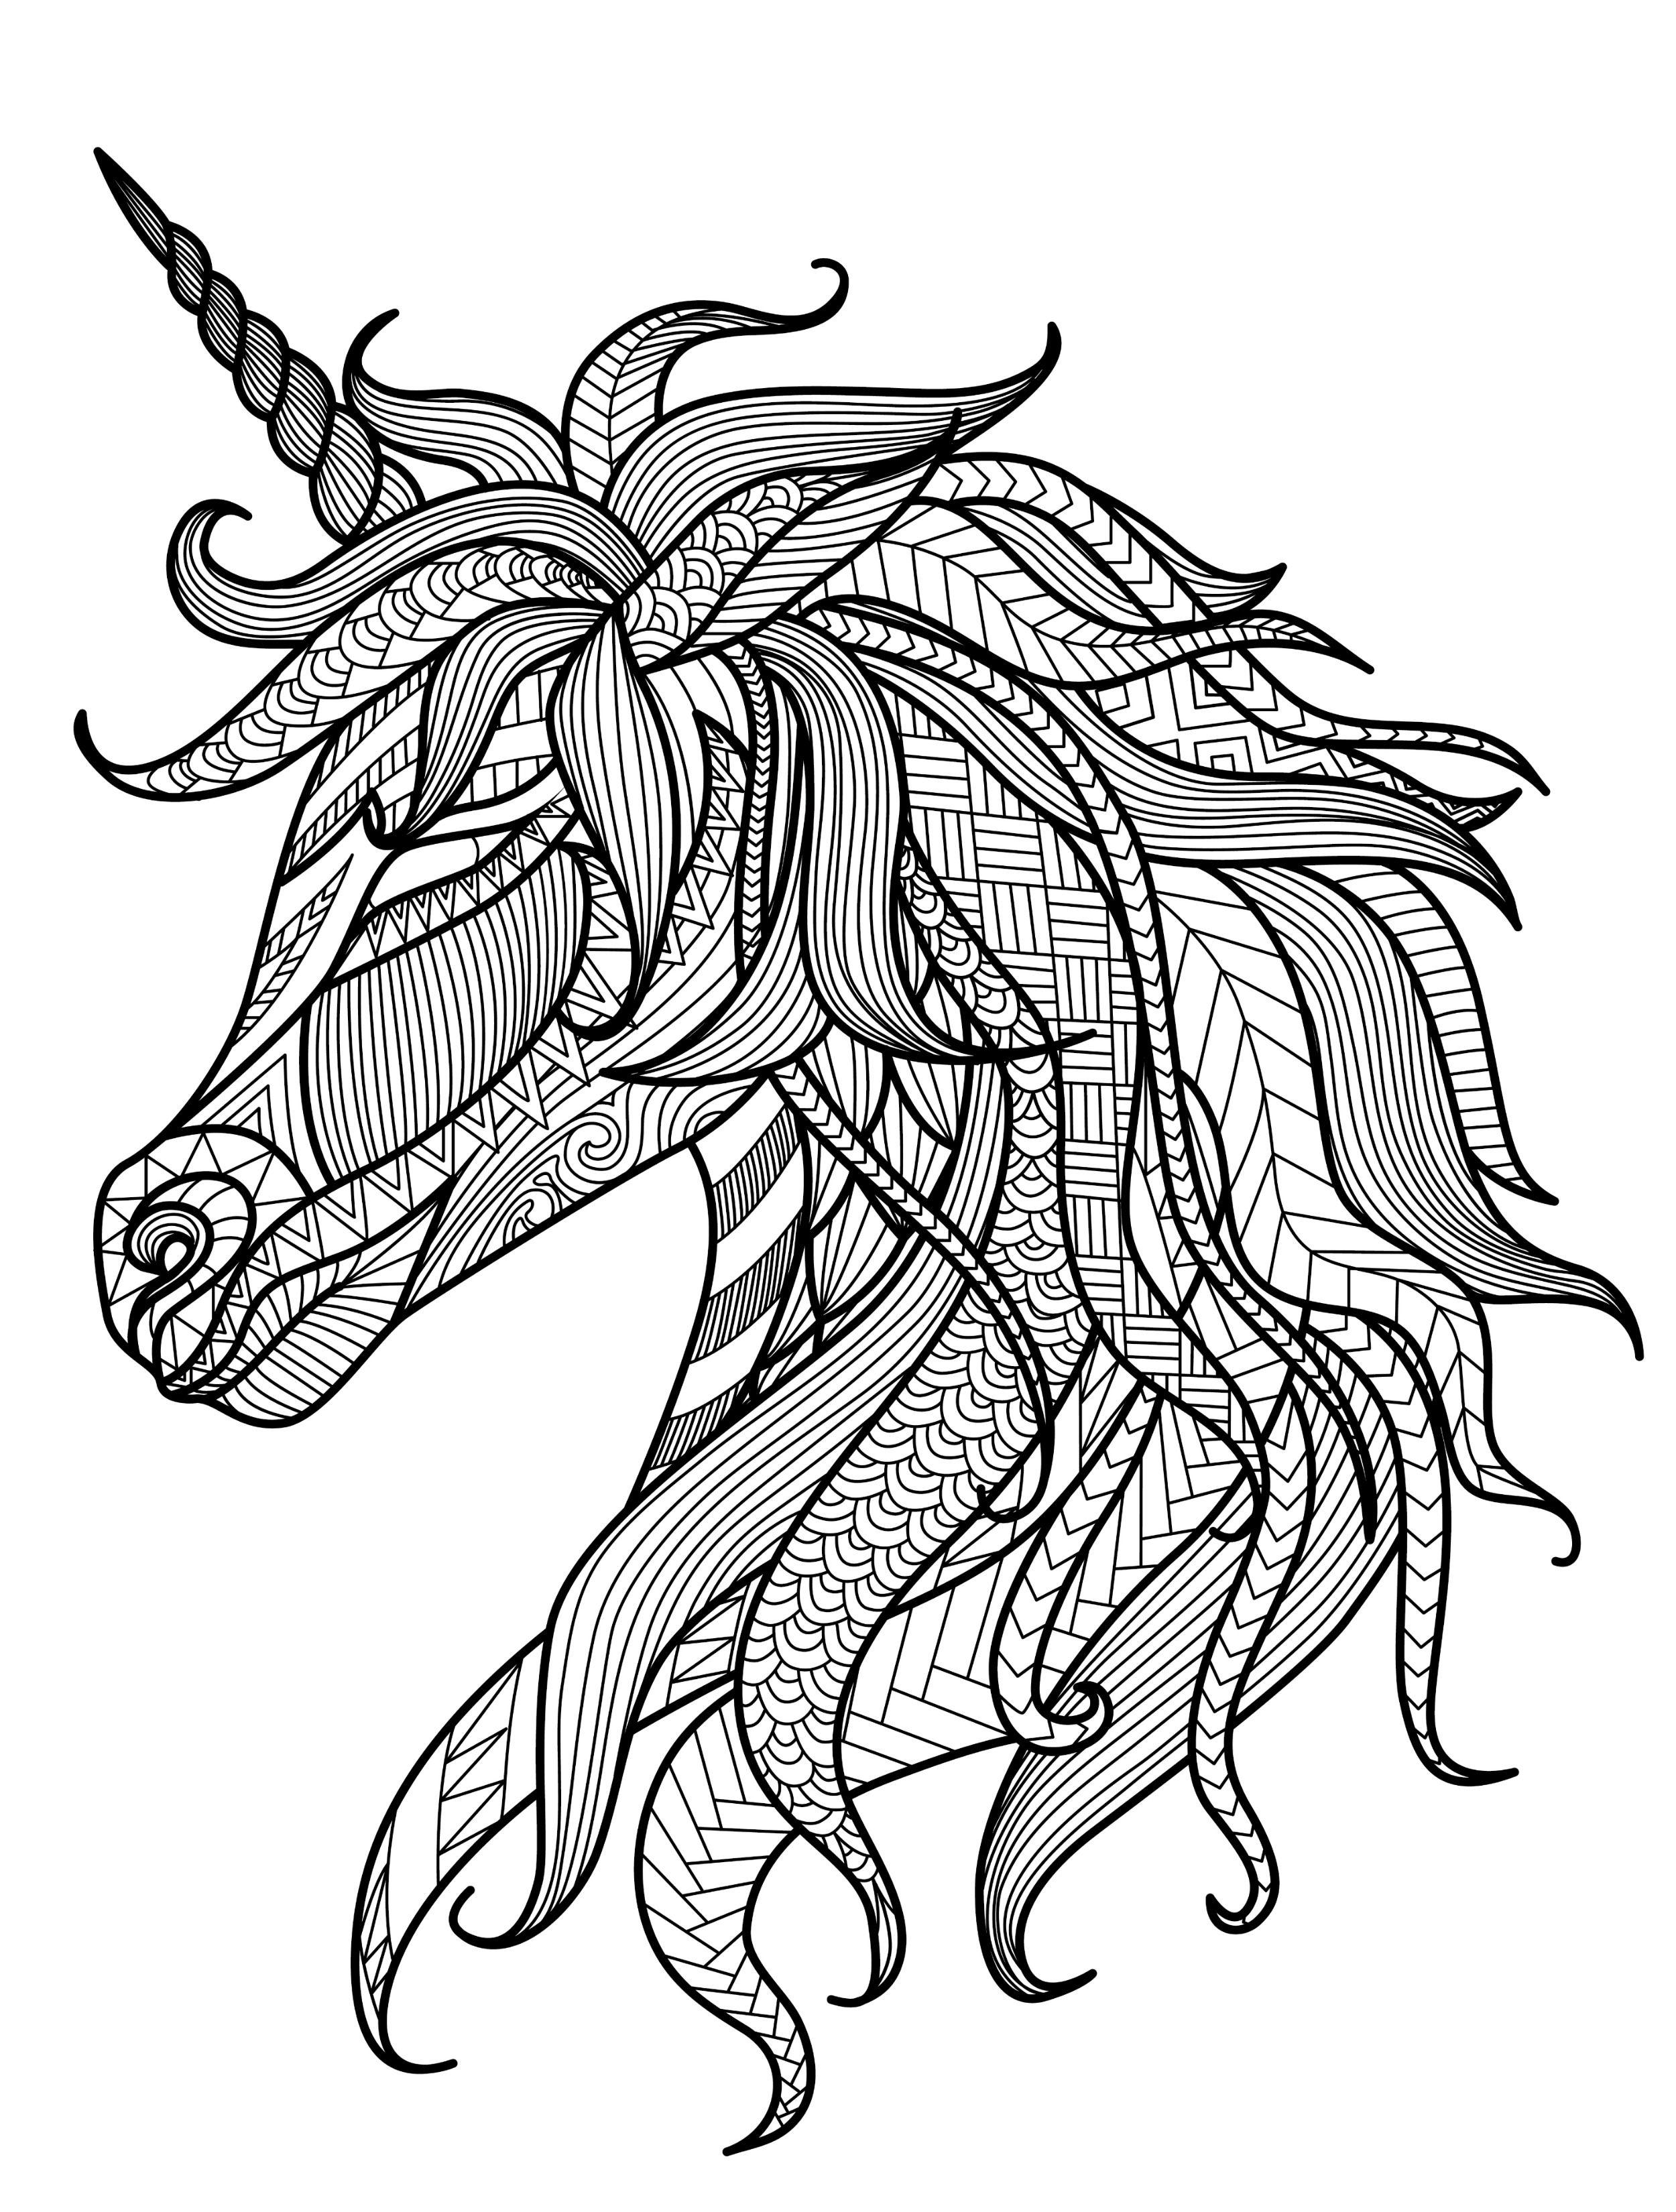 Unicorn ausmalbilder zum ausdrucken